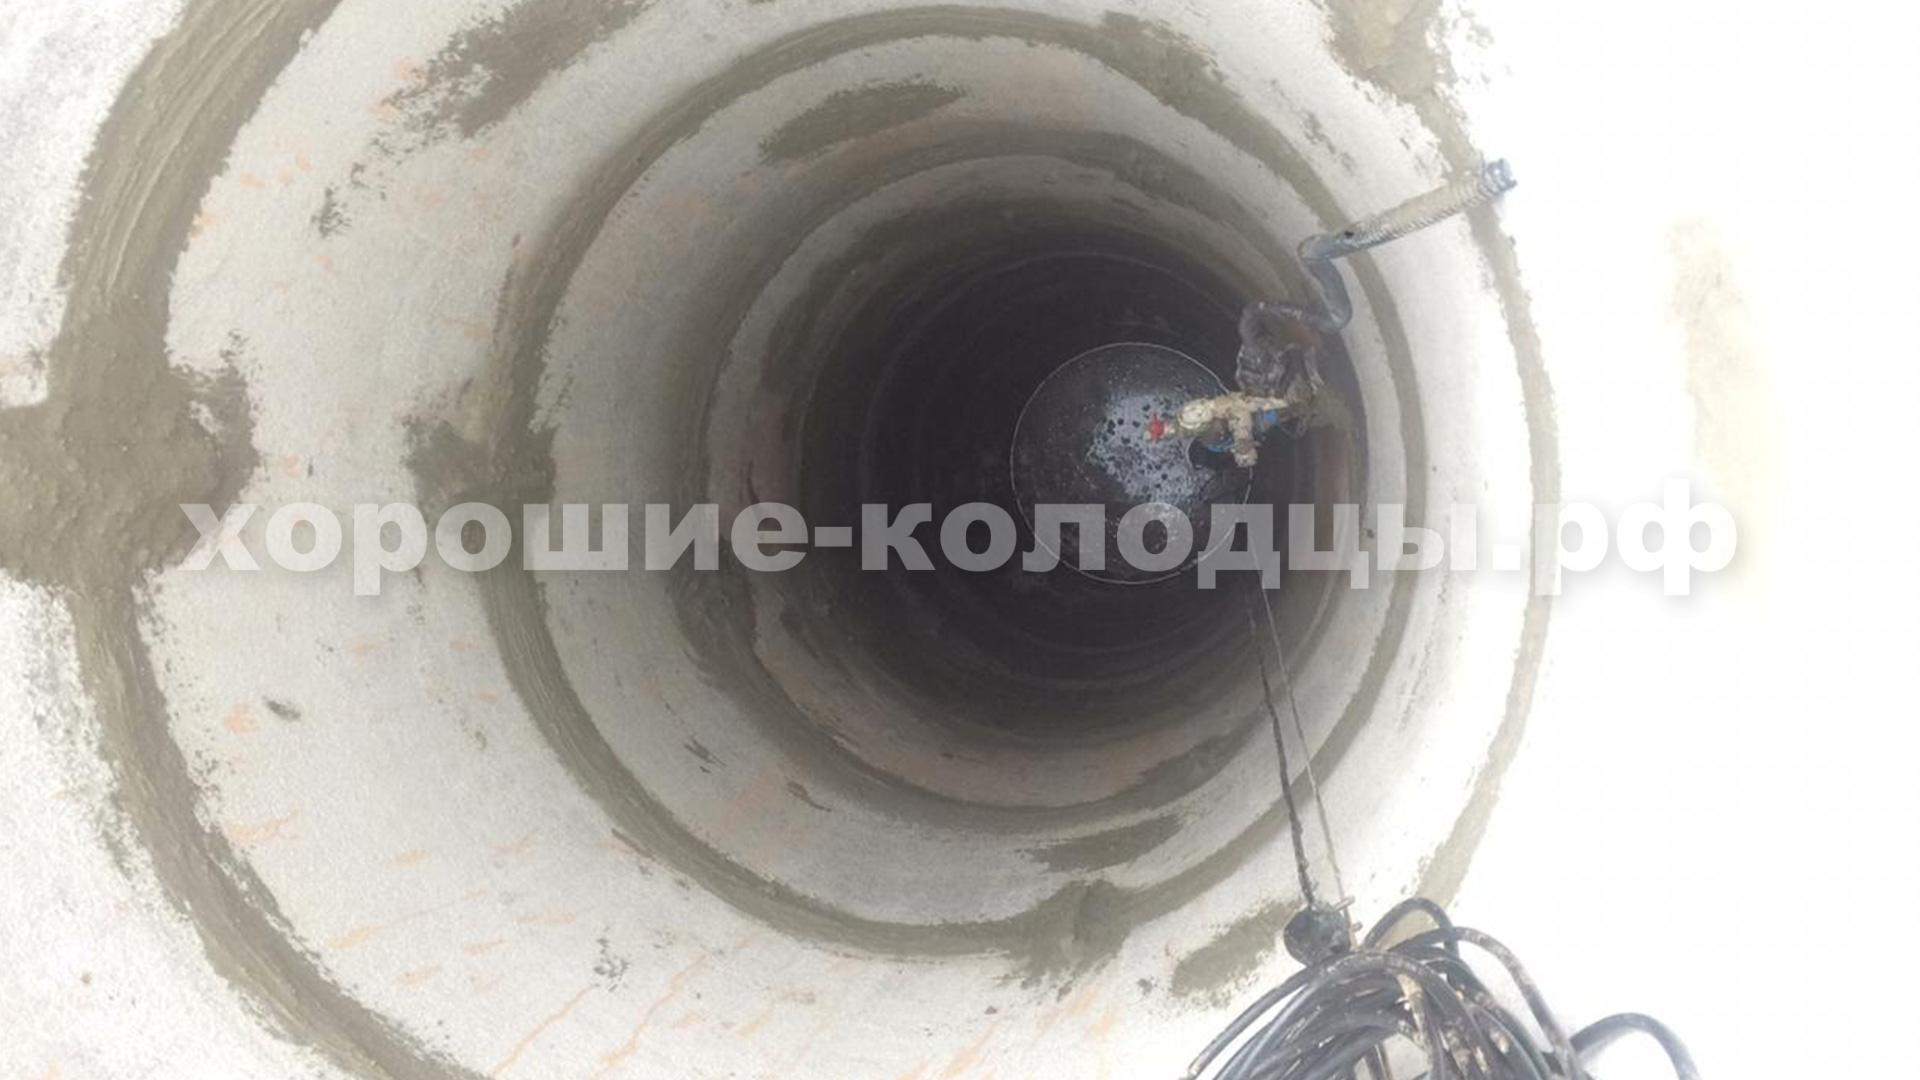 Чистка и ремонт колодца 10 колец в, д. Варвариха, Рузский р-н, Подмосковье.